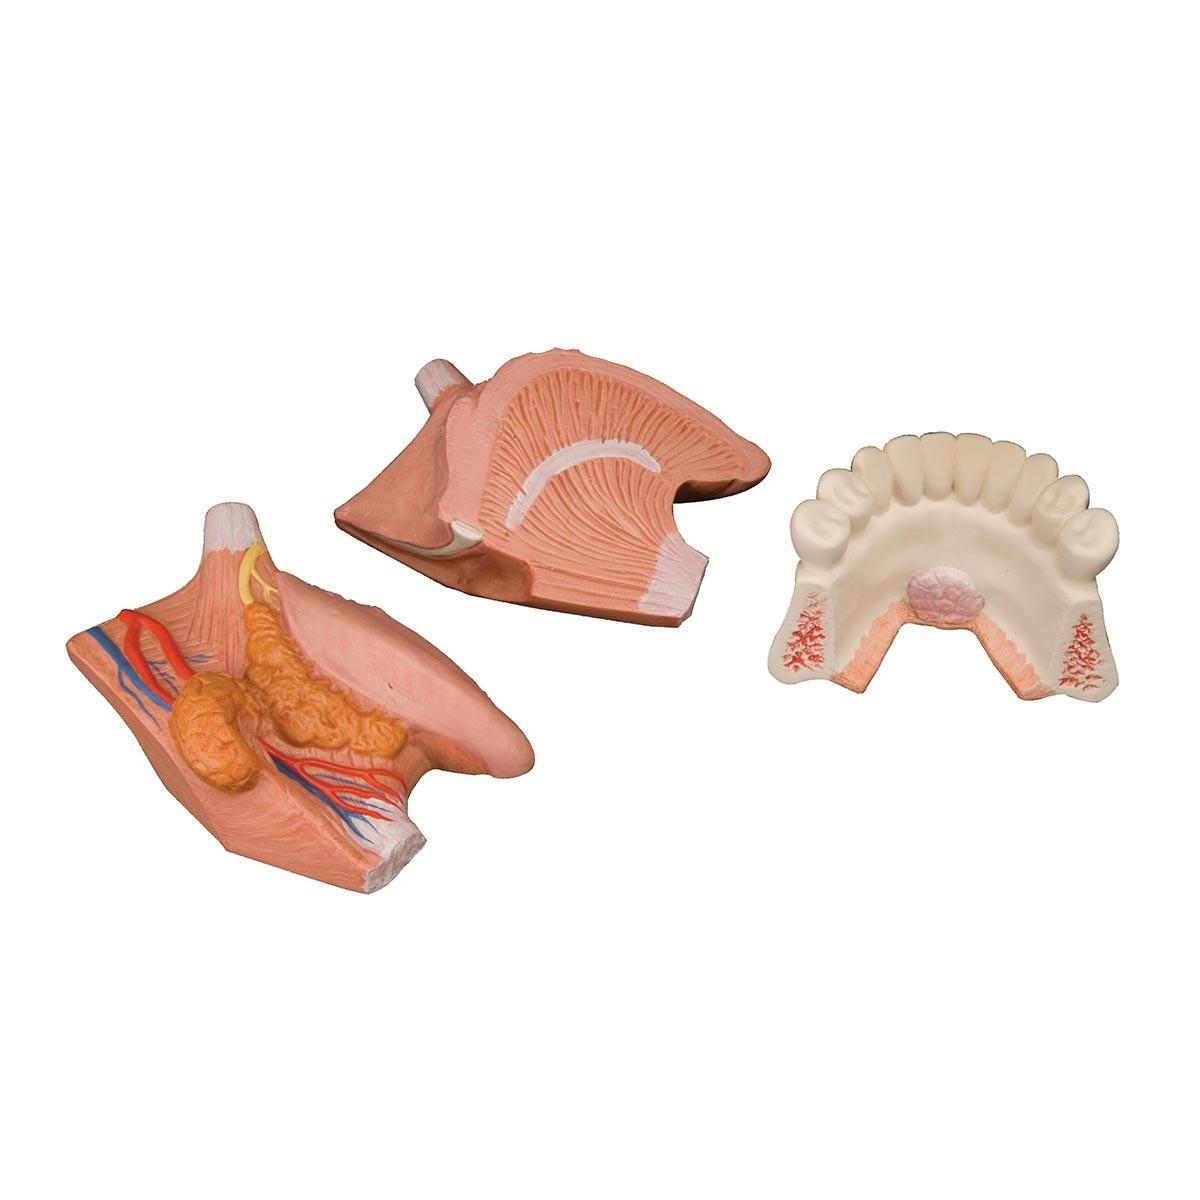 Zungenmodell, 2.5-fache Größe, 4-teilig